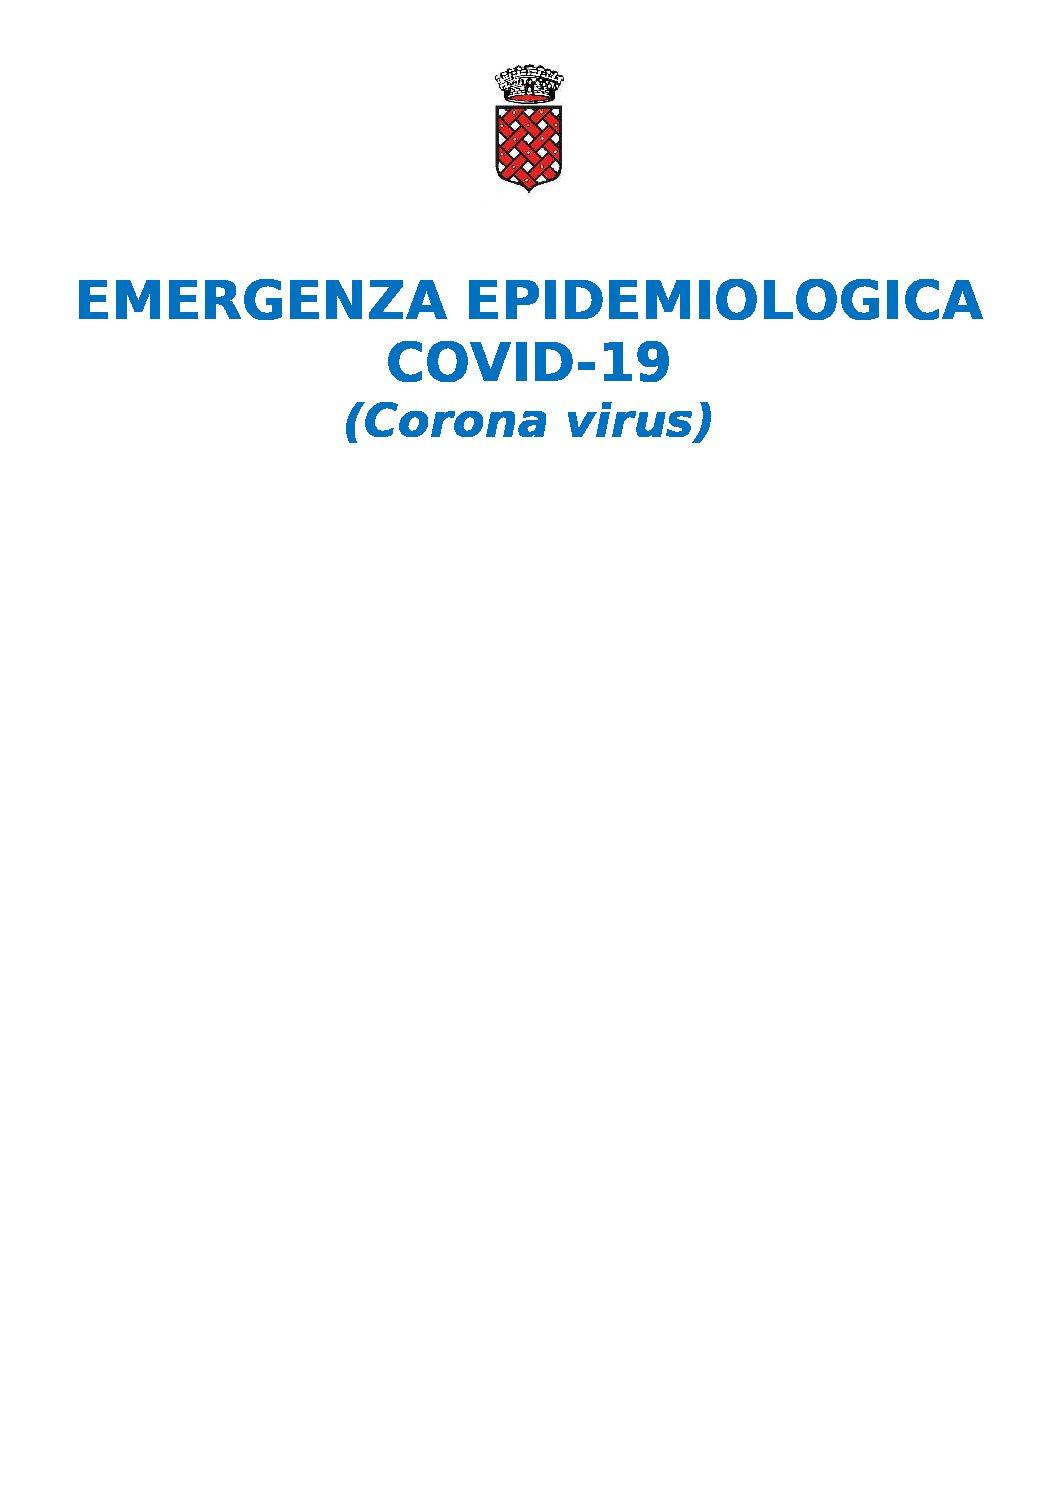 EMERGENZA EPIDEMIOLOGICA DA COVID-19 (Corona virus) – AVVISO ALLA CITTADINANZA